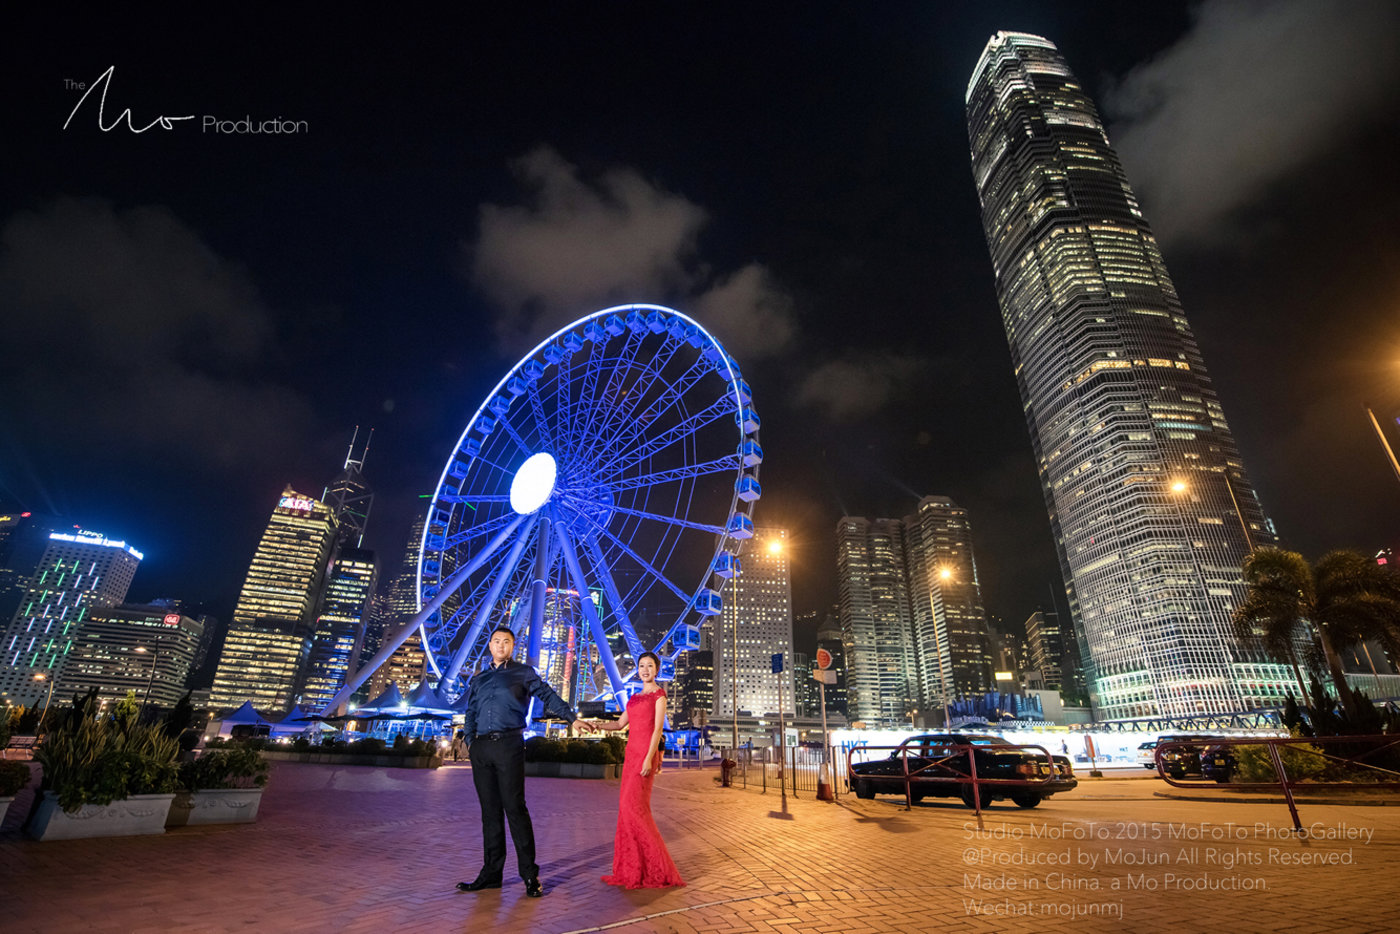 MoFoTo 香港旅拍1